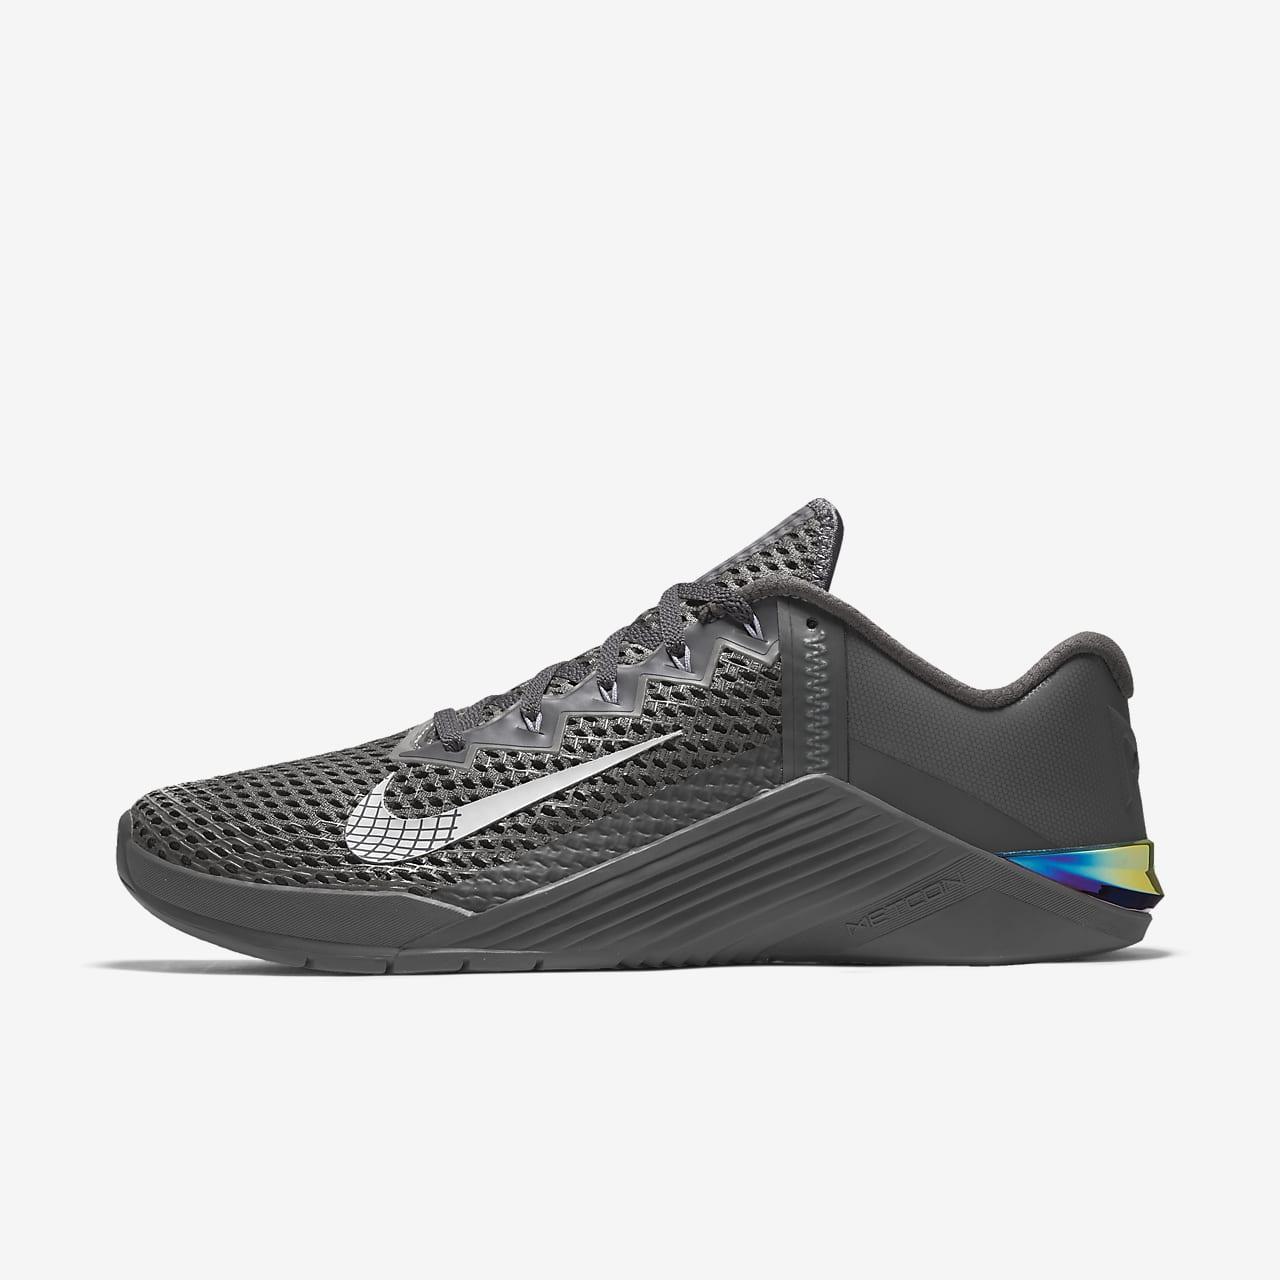 Кроссовки для тренинга с индивидуальным дизайном Nike Metcon 6 By You